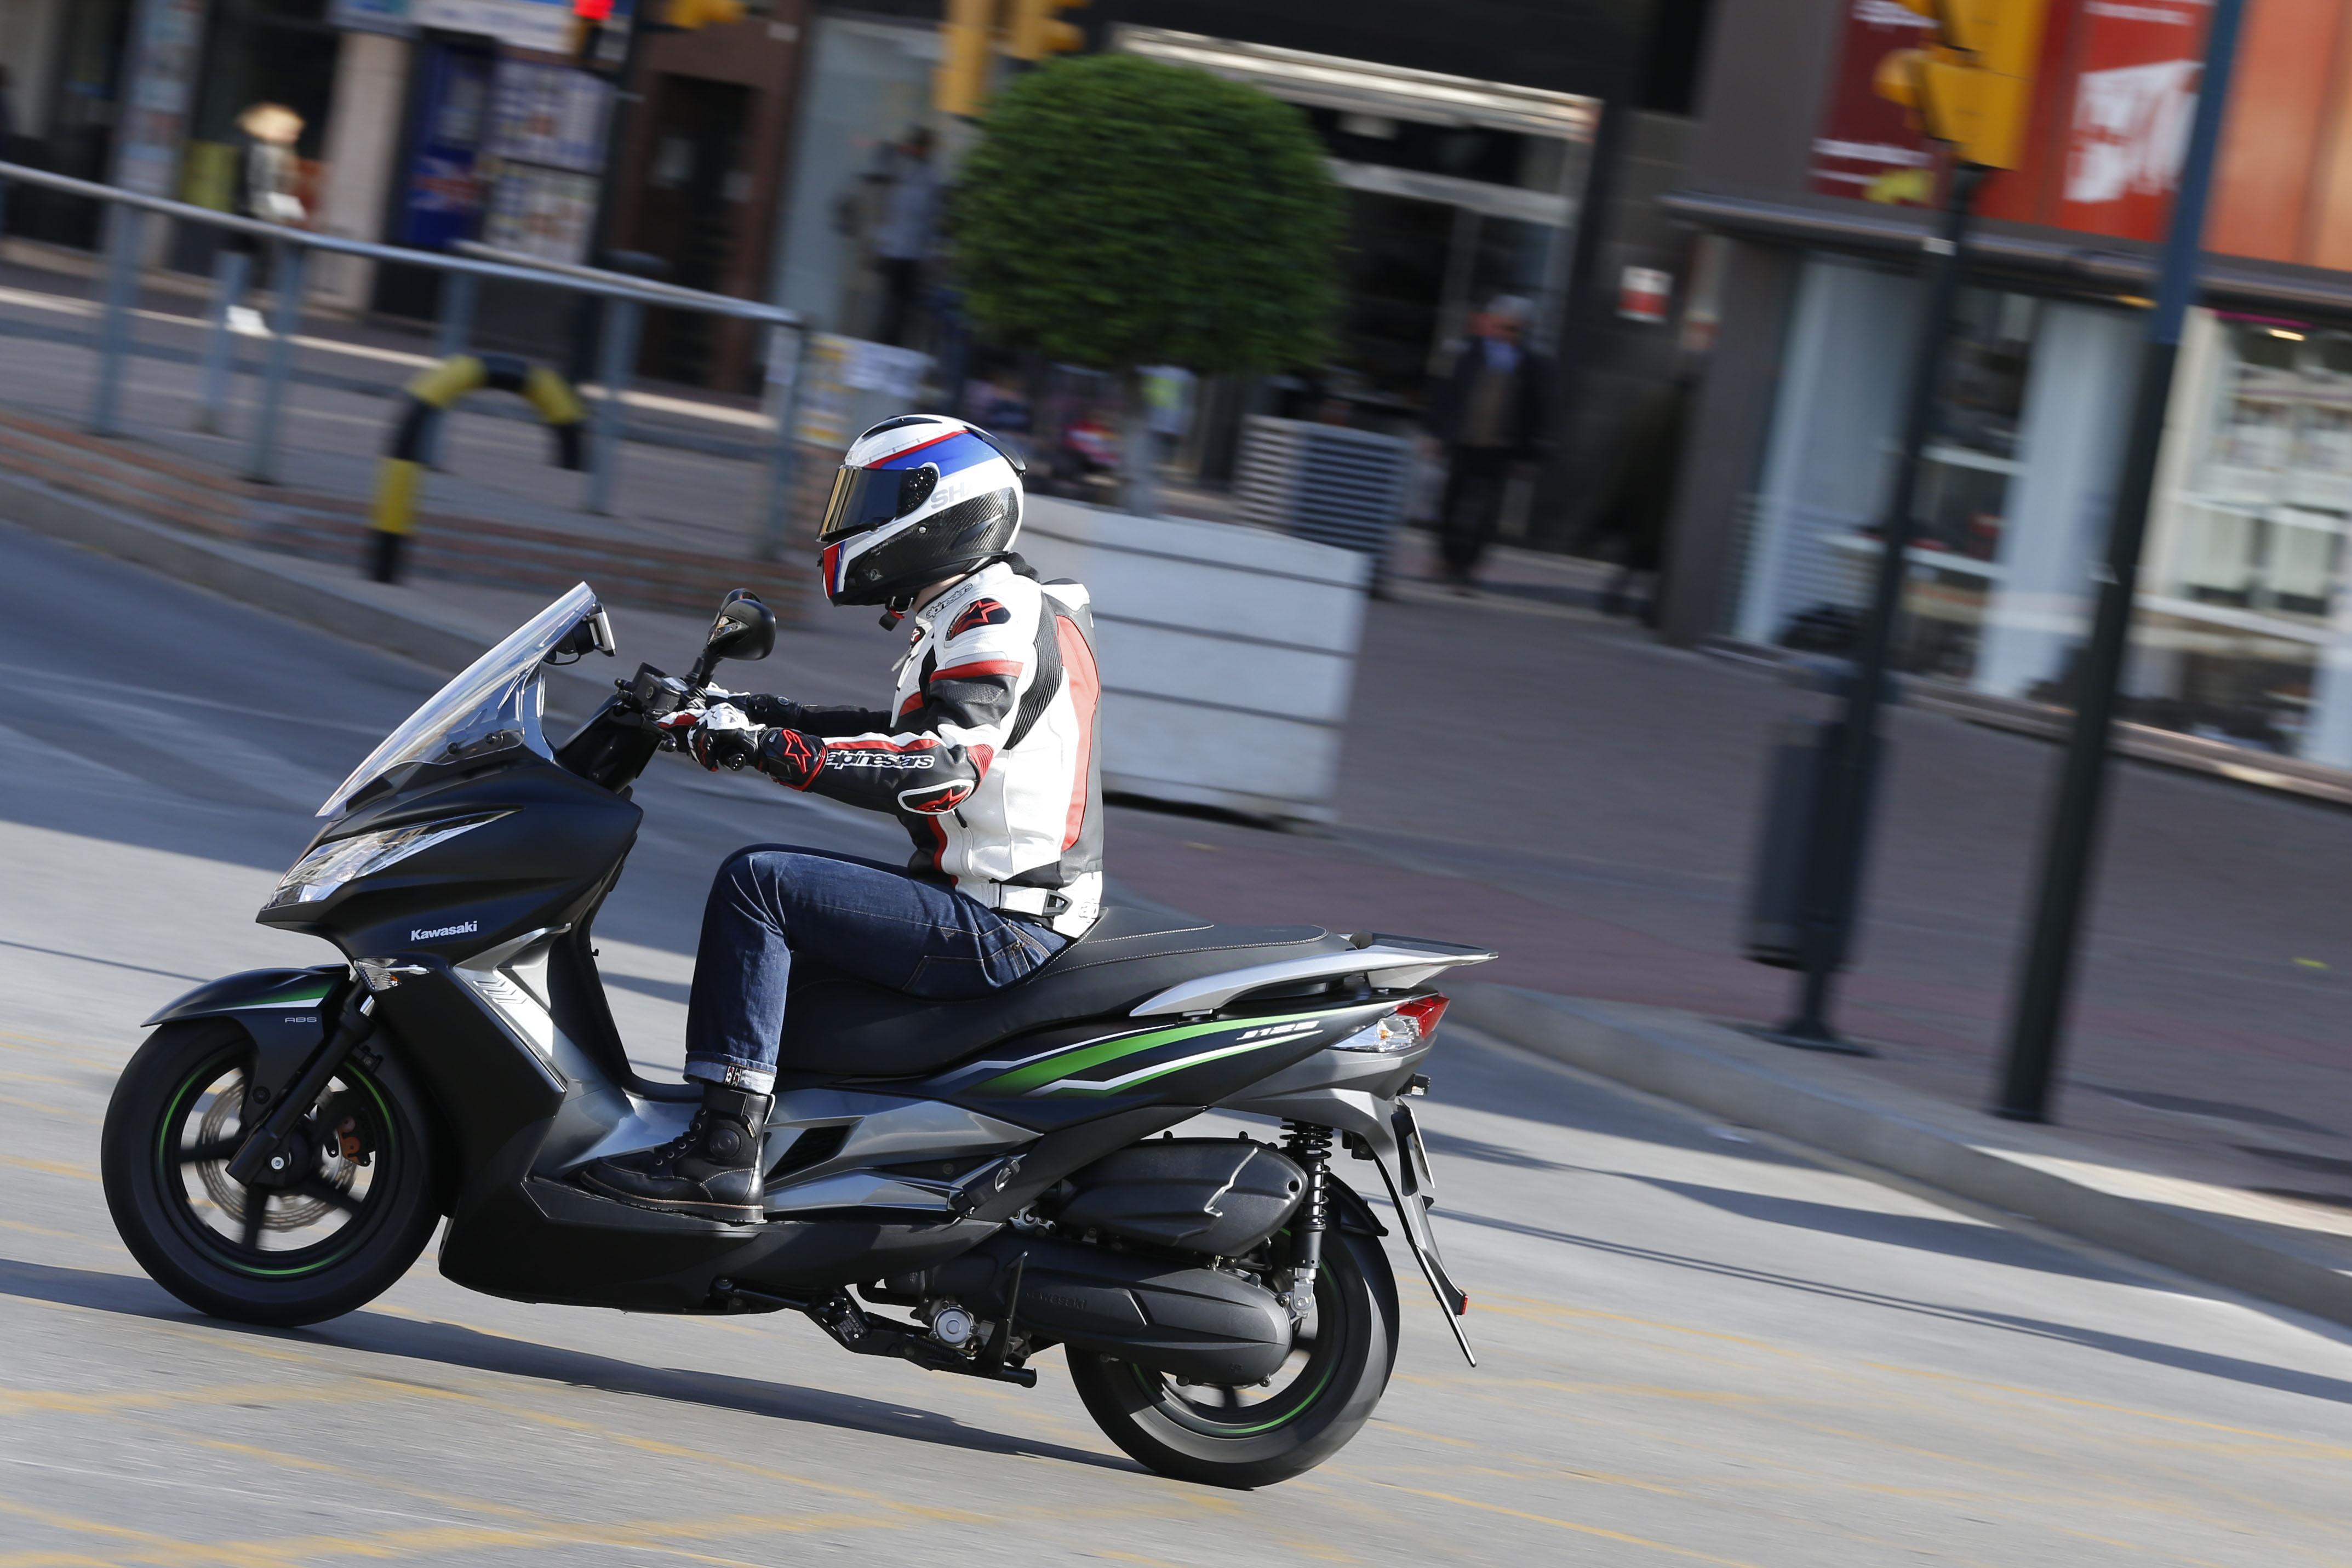 Kawasaki J125 Video Review Visordown